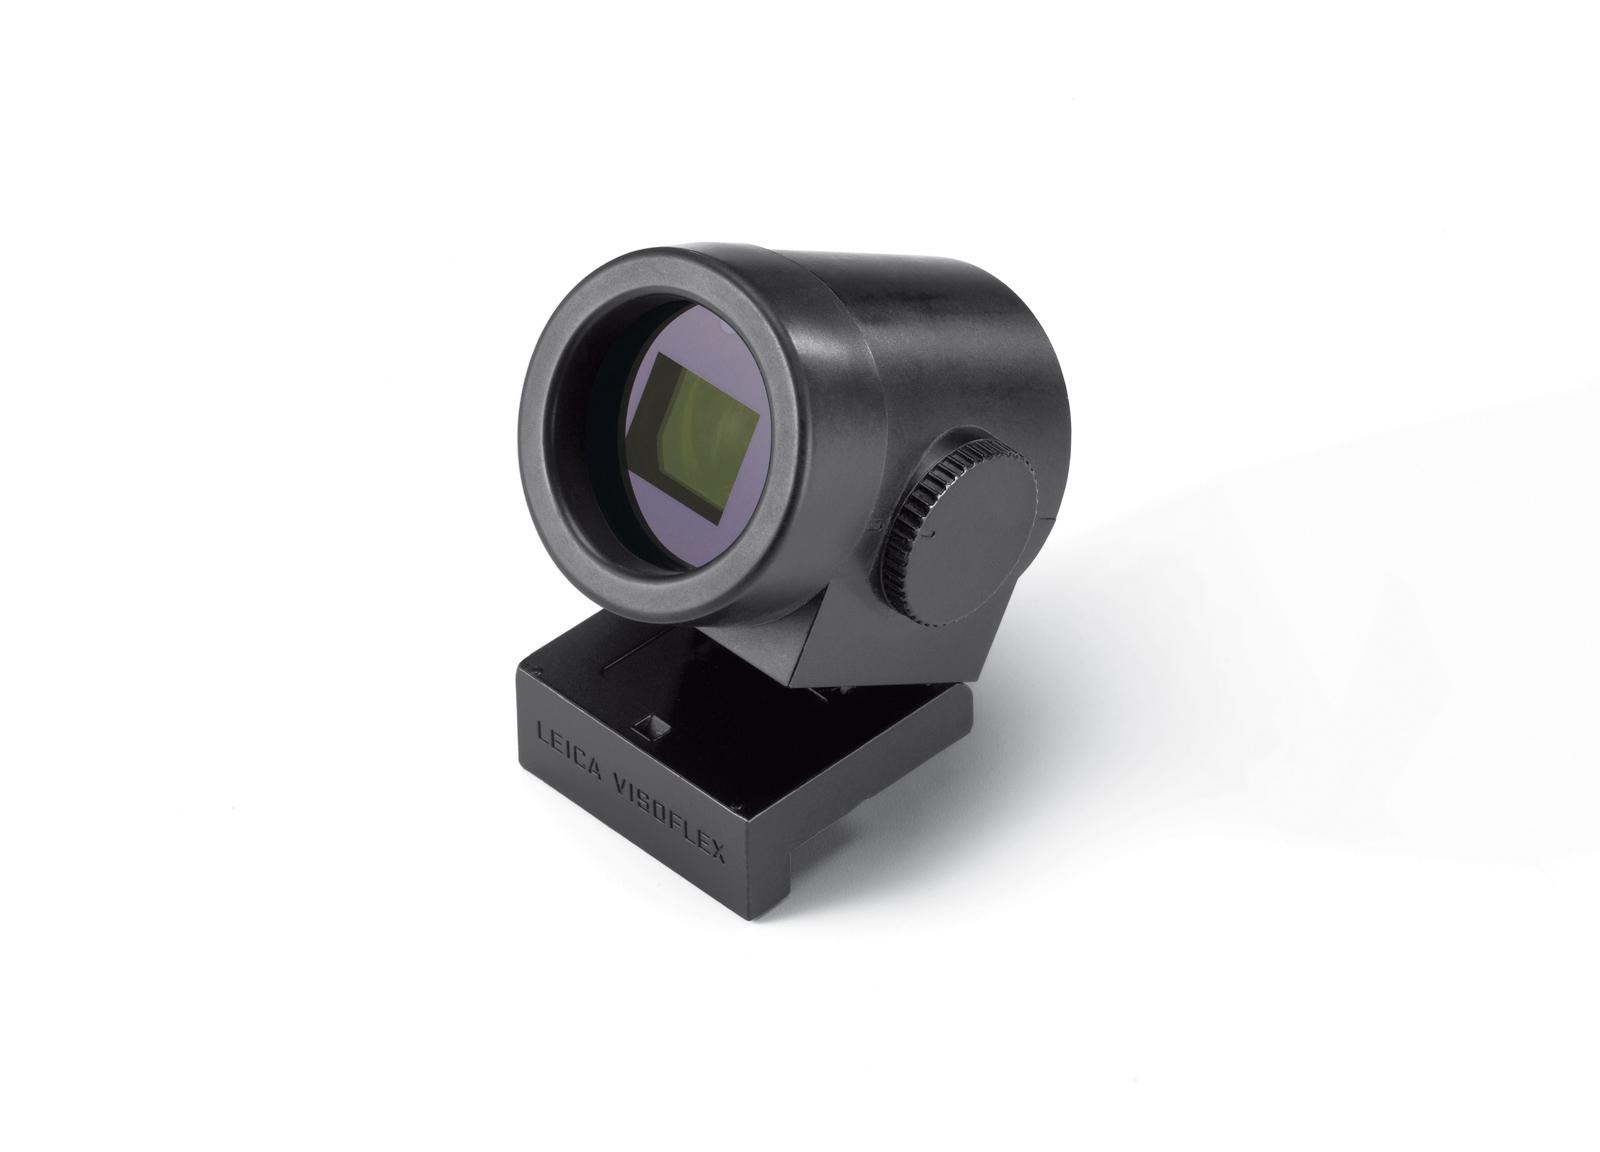 Leica Visoflex Typ 020